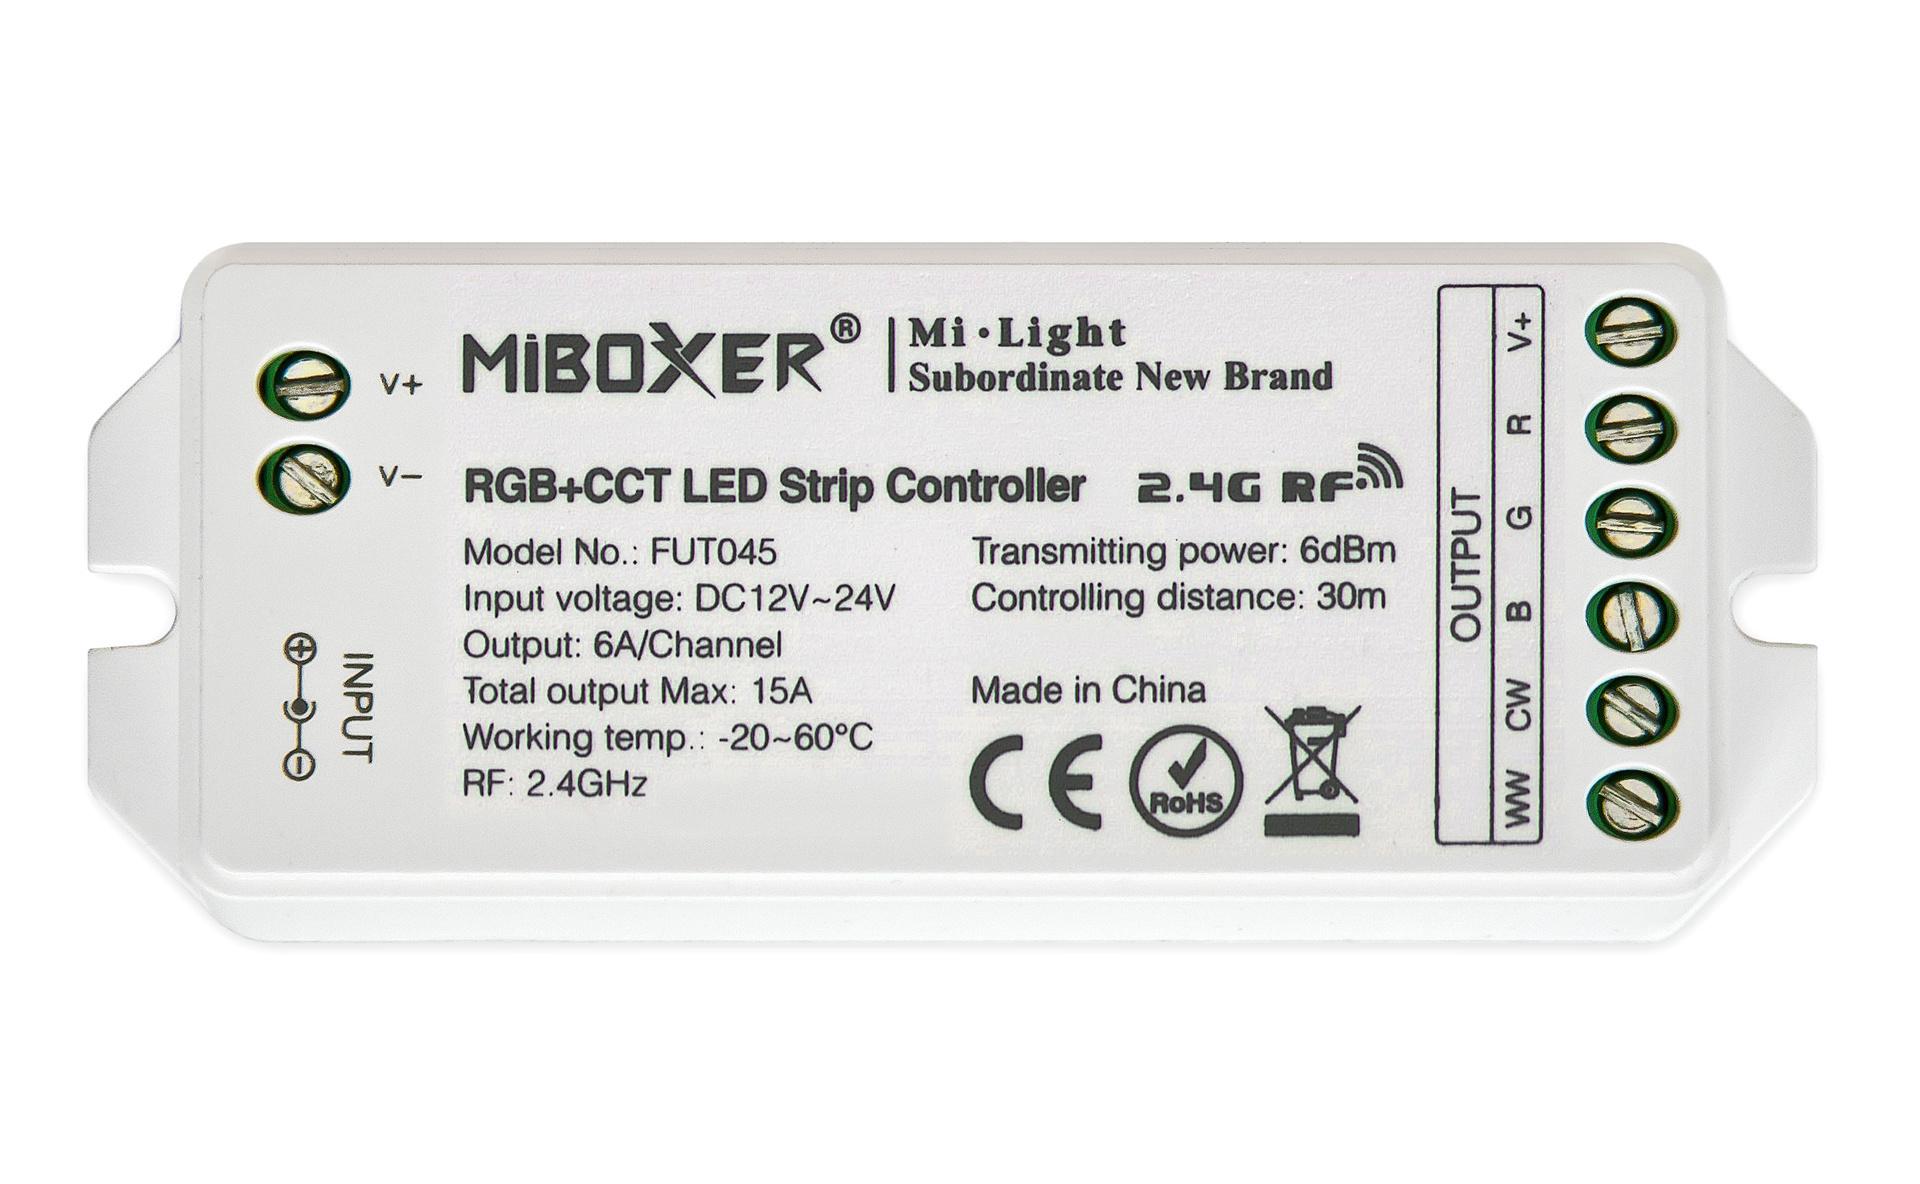 MiLight RGBWW / RGB+CCT LED Strip Controller  12-24V, 15A (los)